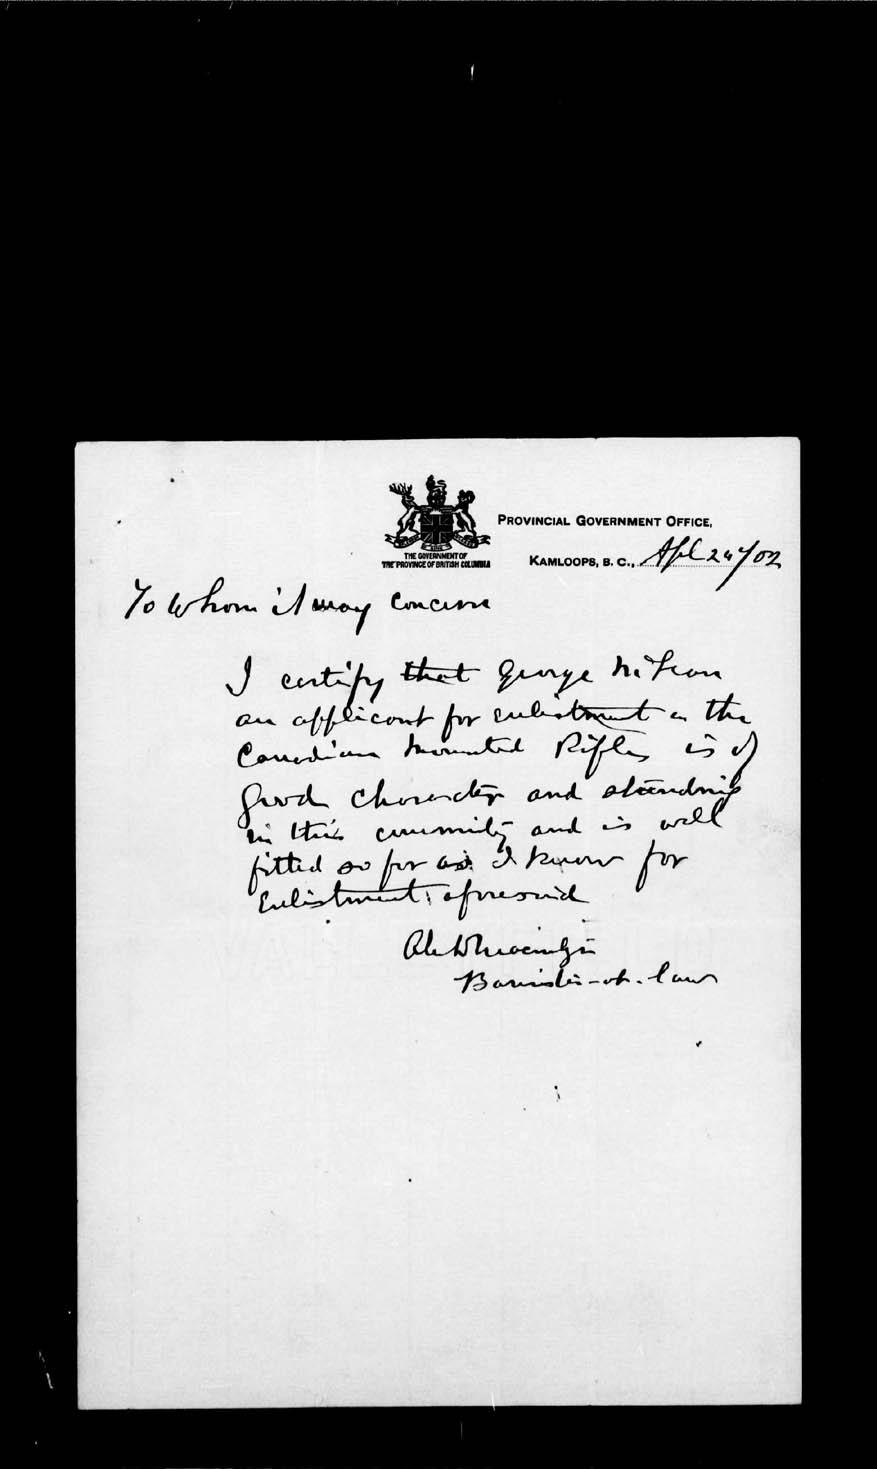 Page numérisé de Boer War pour l'image numéro: e002191157